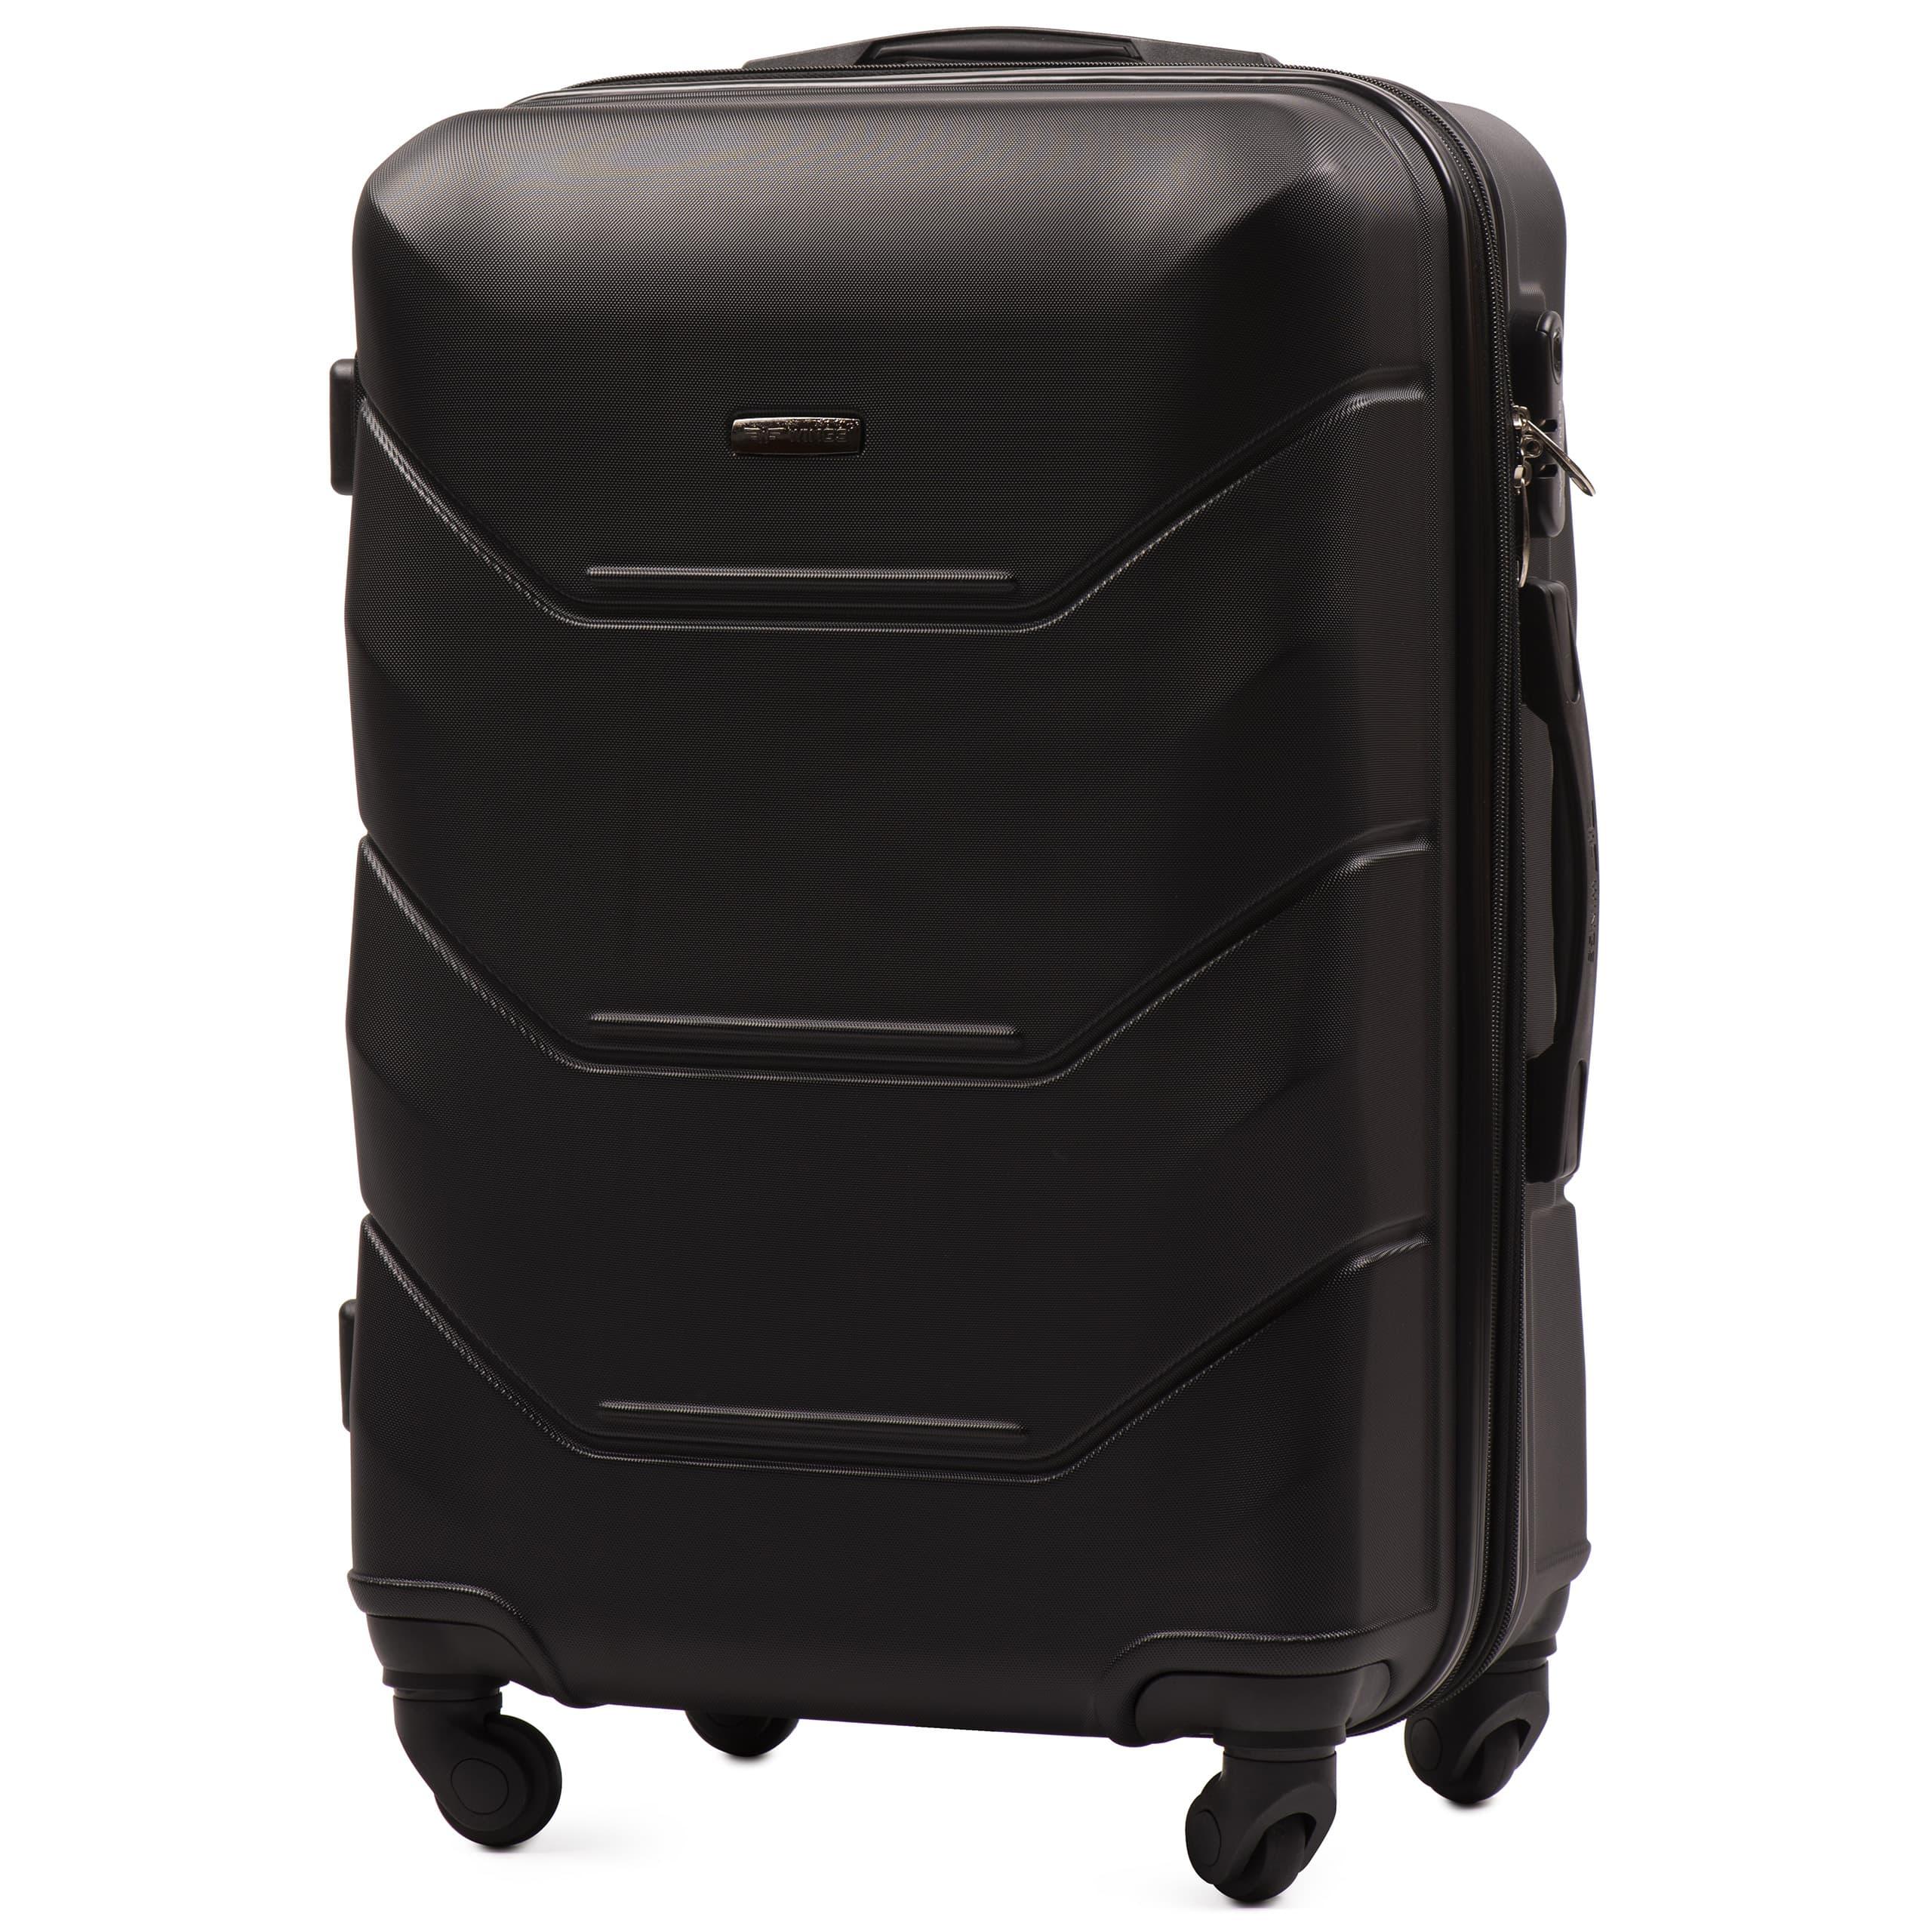 СРЕДНИЙ ЧЕМОДАН WINGS 147 M COFFE PREMIUM НА 4-Х КАУЧУКОВЫХ КОЛЕСАХ!Для багажа ,до 18 кг